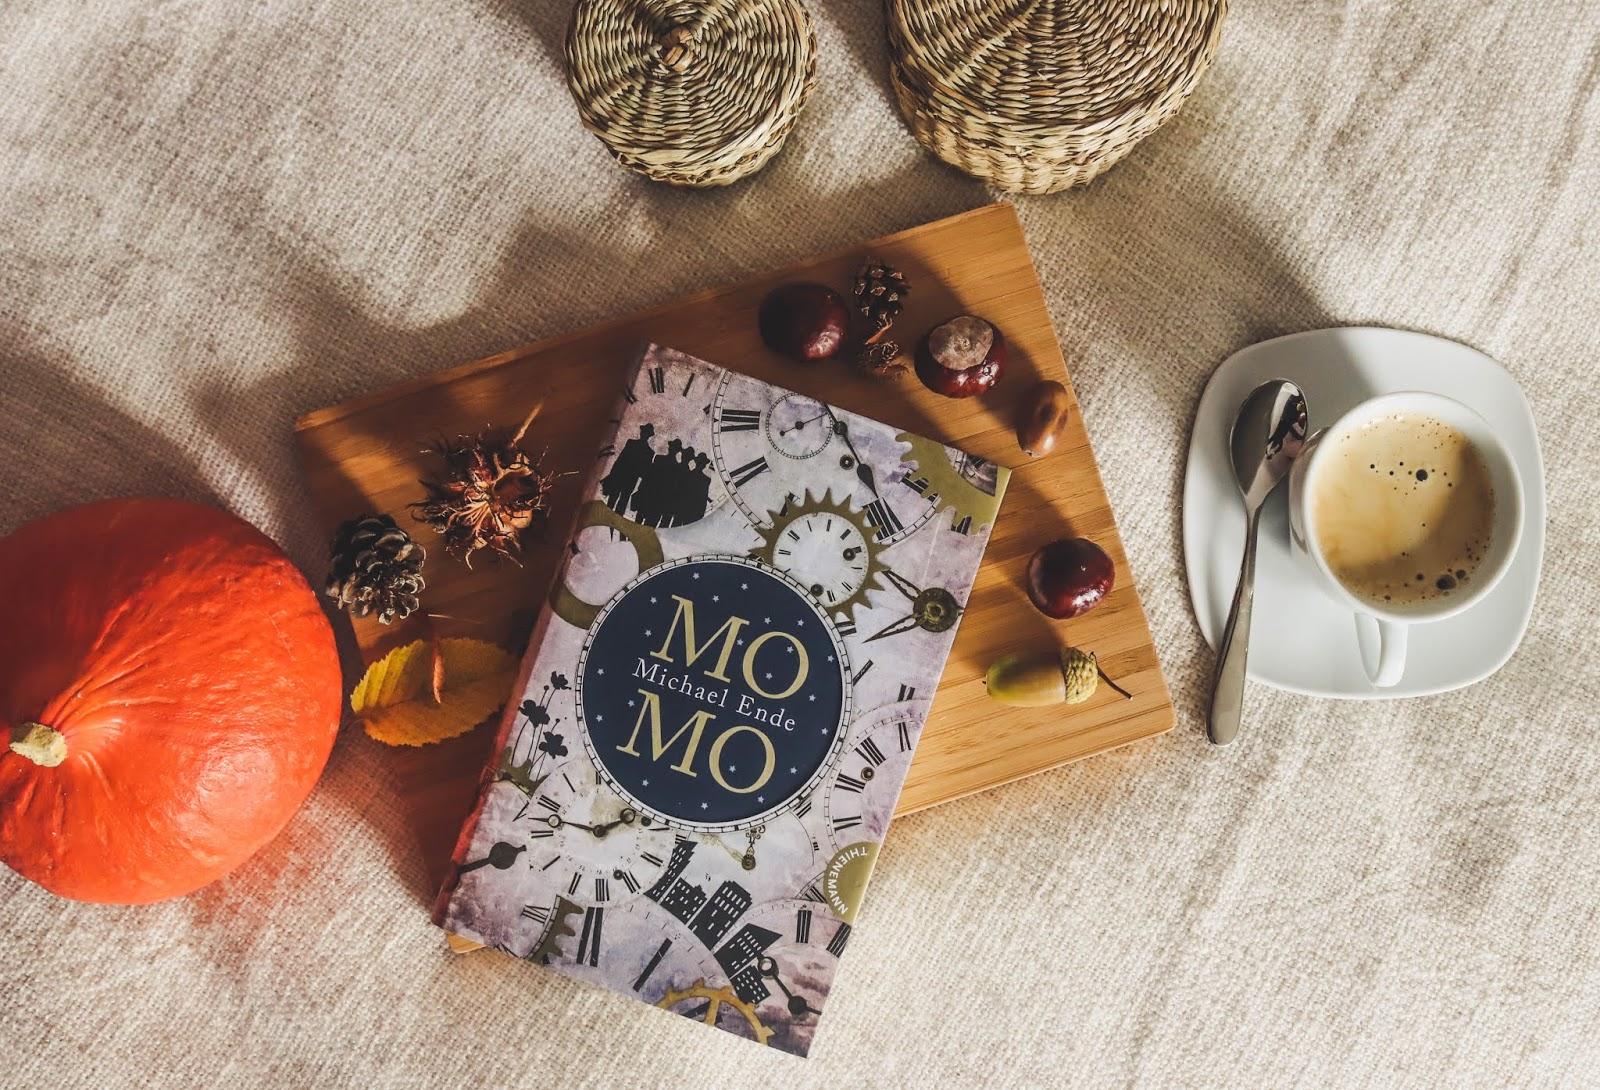 BUCHTIPP | Momo – Ein Kinderbuchklassiker von Michael Ende